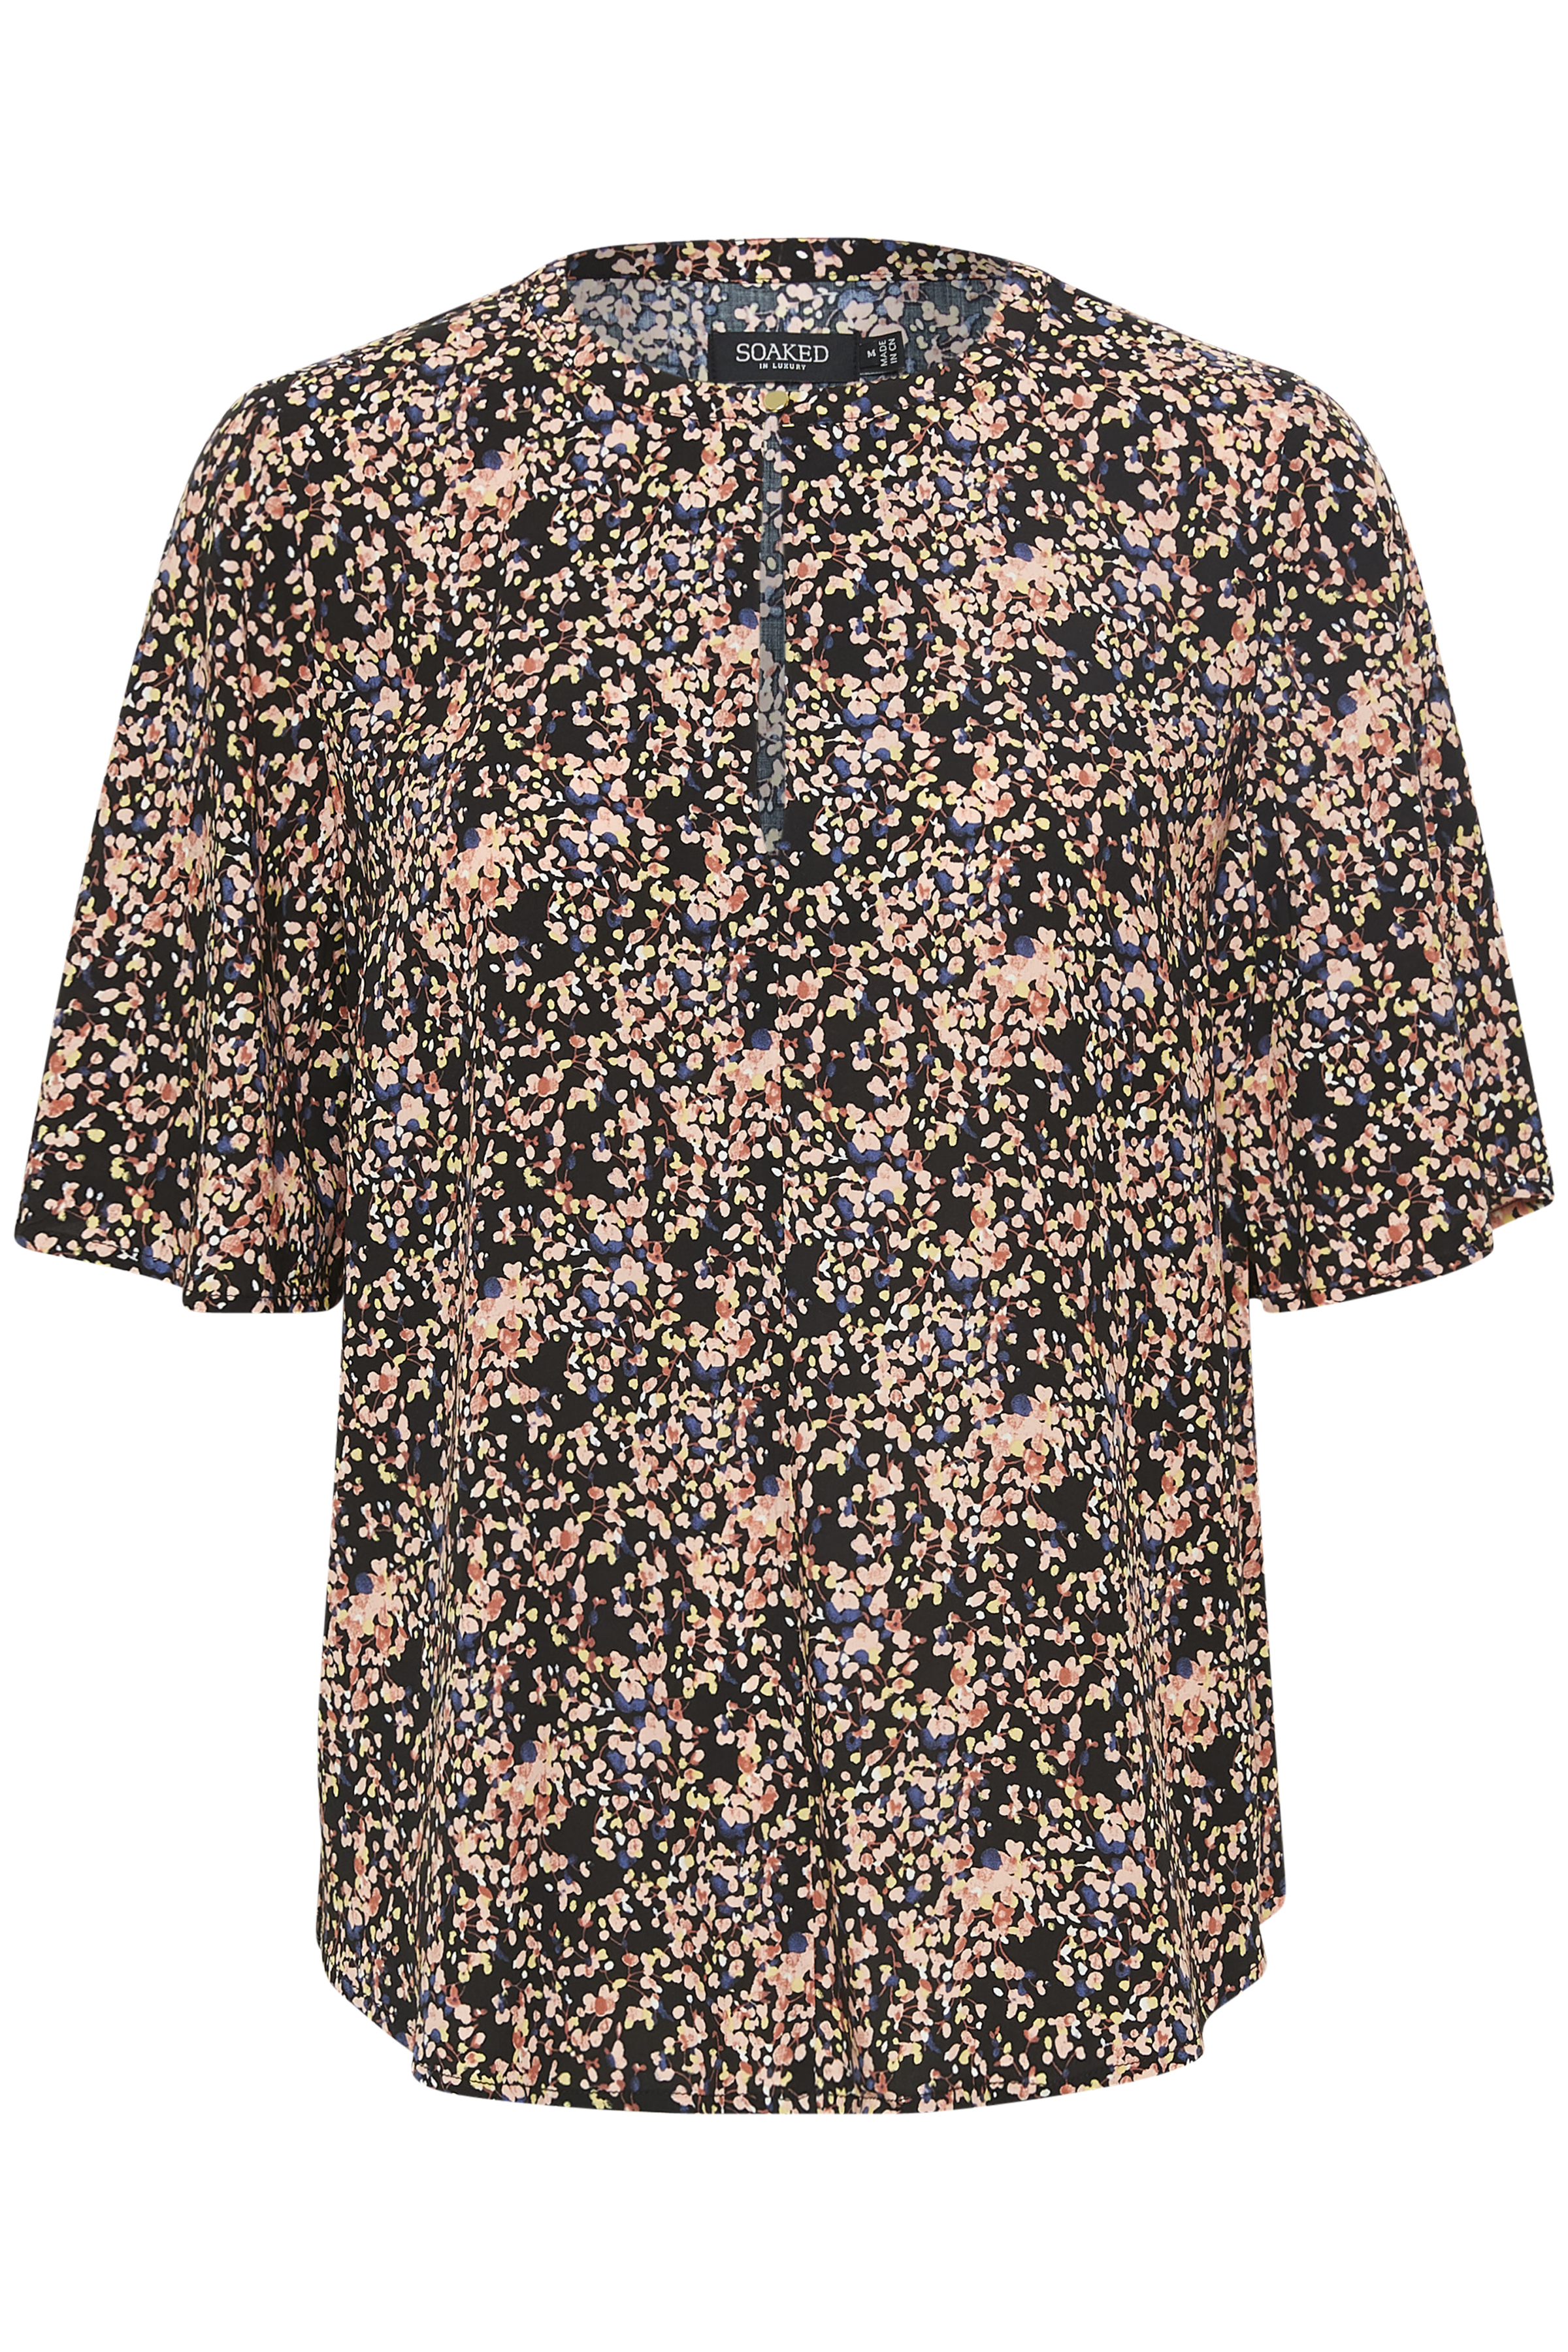 Soaked in Luxury Dame Kortærmet bluse - Night Sky Multi Print